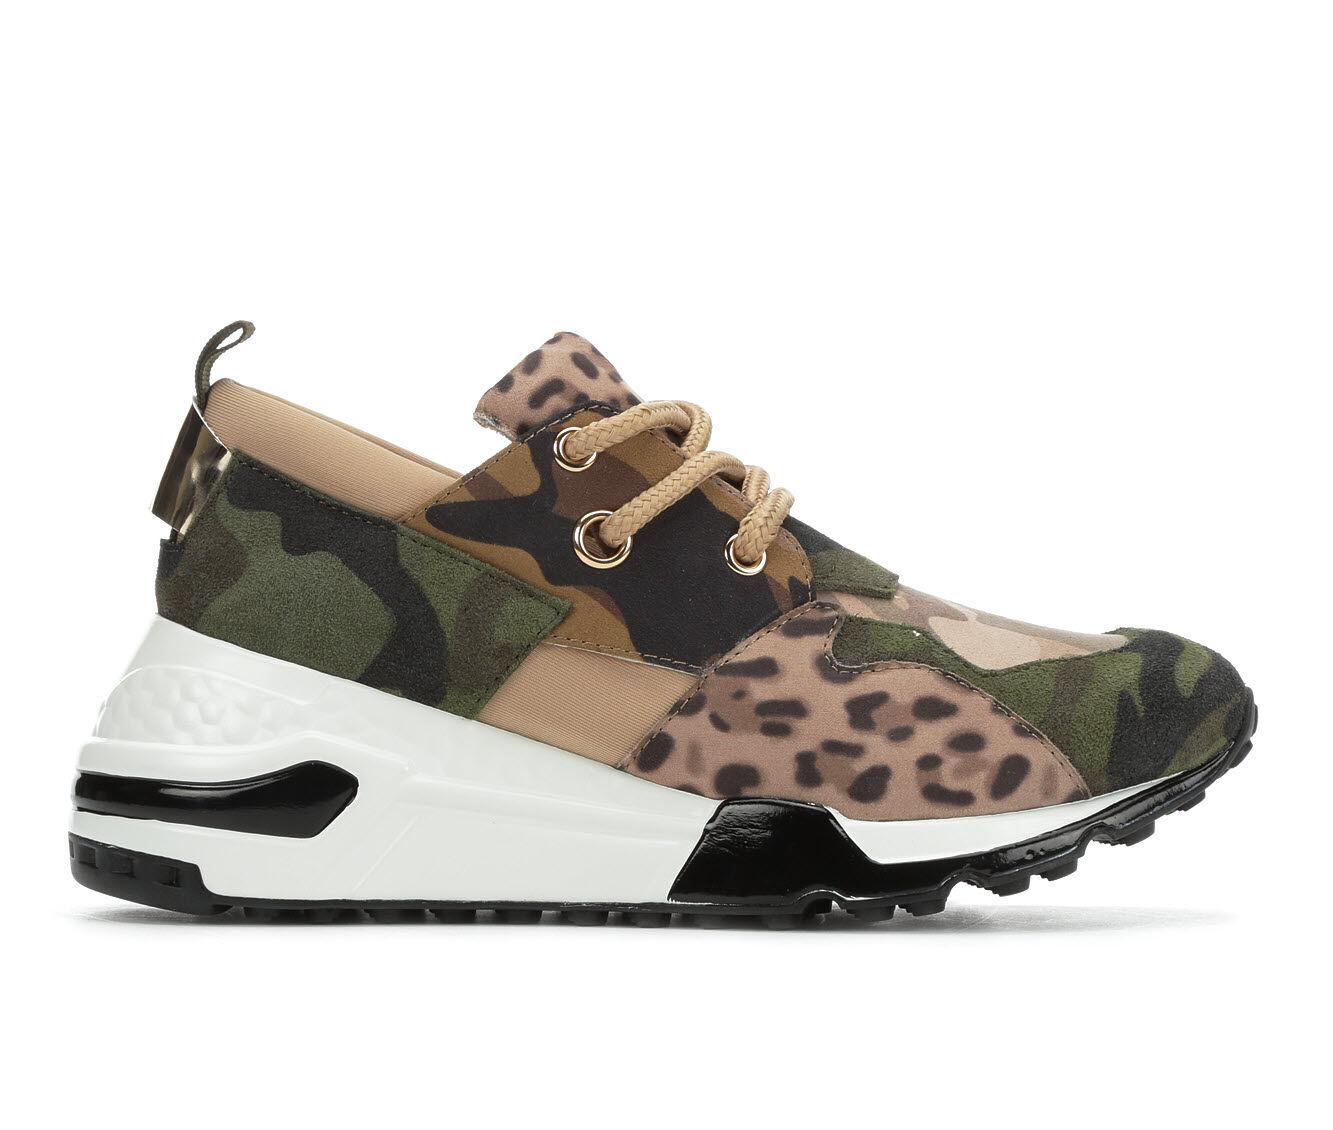 Women's Steve Madden Cliff Sneakers Khaki Olive